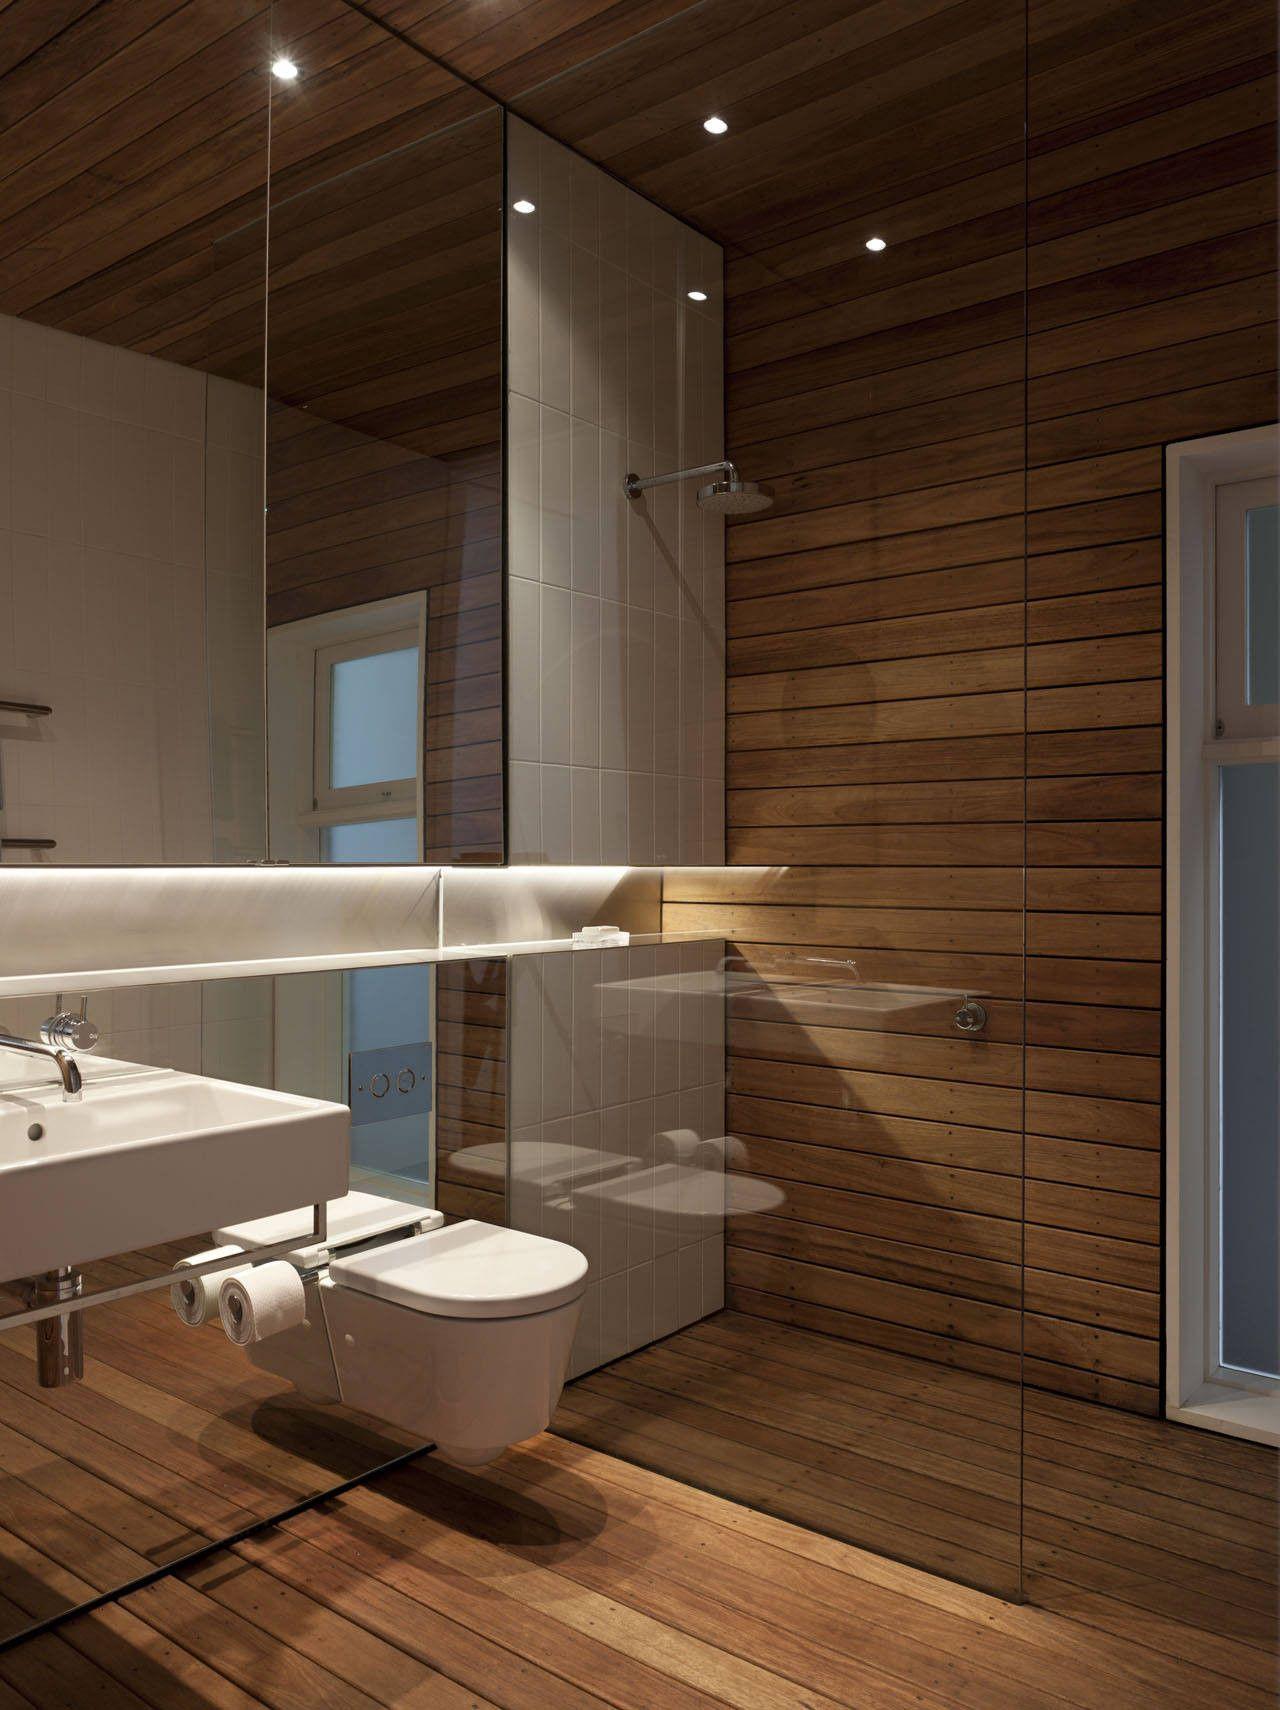 Bad Modern Gestalten Mit Spiegelwand Und Indirekt Beleuchtete Wandnische  Entlang Der Wand Hinter Dem Waschbereich